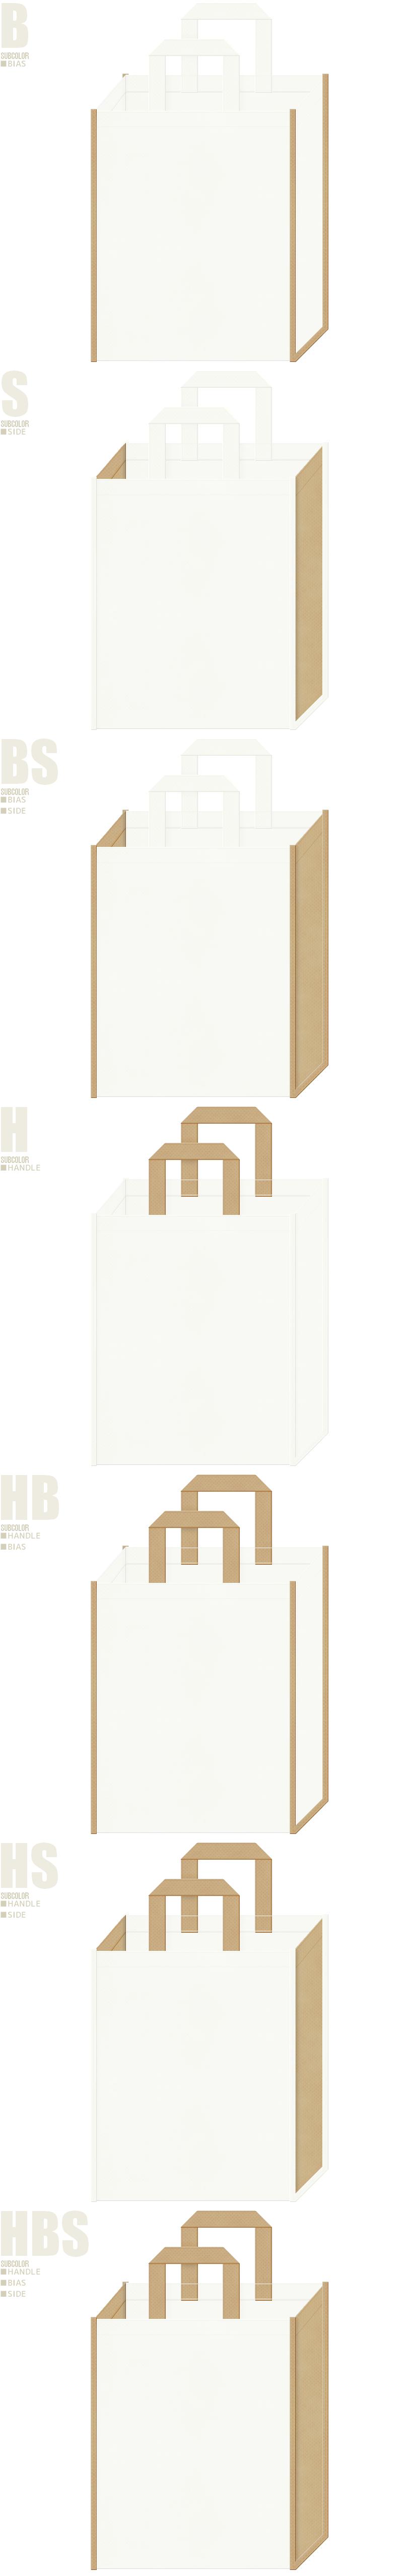 ペットショップ・ペットサロン・木工・インテリア・DIYイベント・ニット・セーター・毛糸・手芸・うどん・そば・めんつゆ・かつおぶし・乳製品・牧場・ロールケーキ・カフェオレ・スイーツ・ベーカリーショップ・食の見本市・住宅の展示会用バッグにお奨めの不織布バッグデザイン:オフホワイト色とカーキ色の不織布バッグ配色7パターン